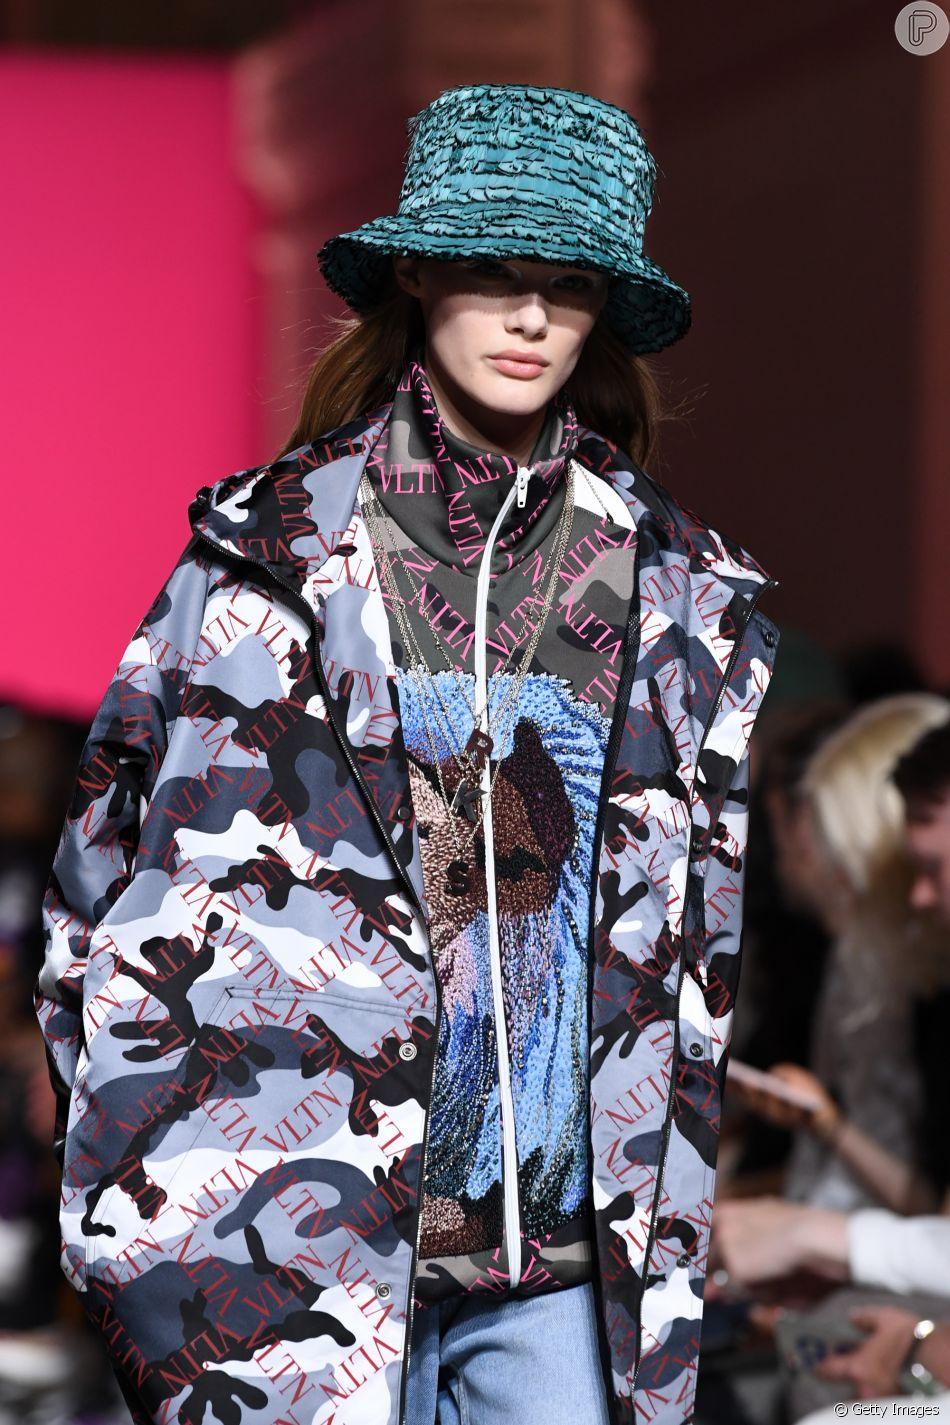 Tendências das Fashion Weeks: a Semana de Moda de Paris, que termina em 24 de junho 2018, fecha a temporada de moda masculina de primavera/verão 2019. Mulher na passarela do desfile masculino sinaliza o fim do gênero na moda